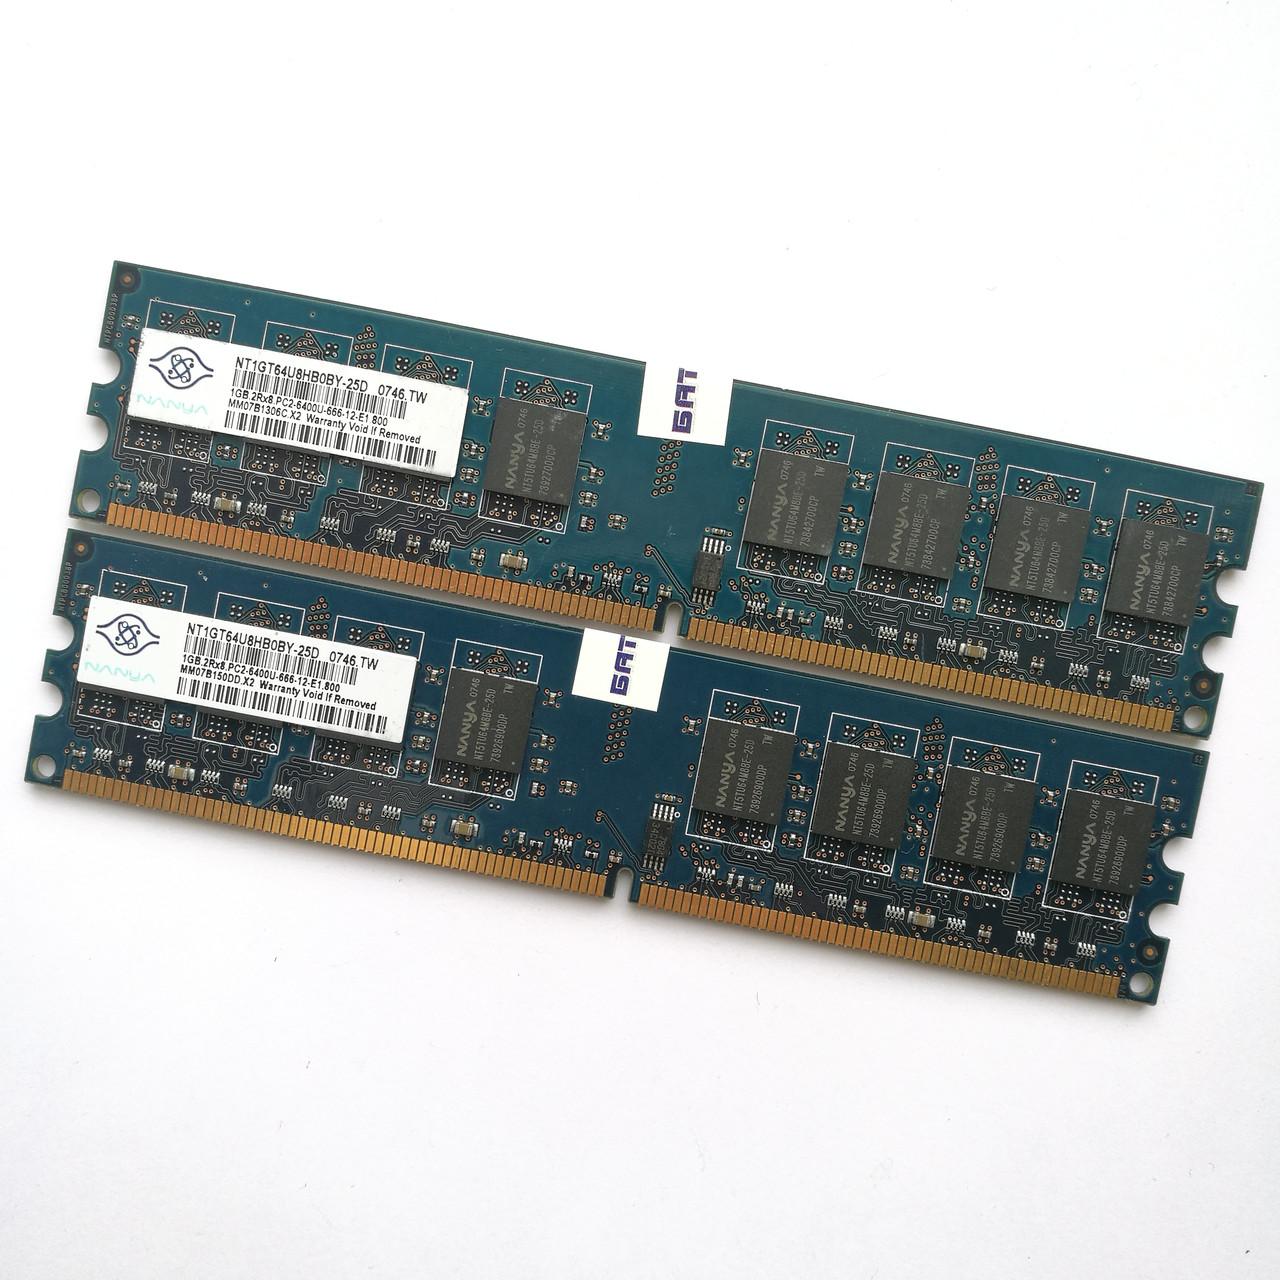 Комплект оперативной памяти Nanya DDR2 2Gb (1Gb+1Gb) 800MHz PC2 6400U CL6 (NT1GT64U8HB0BY-25D) Б/У